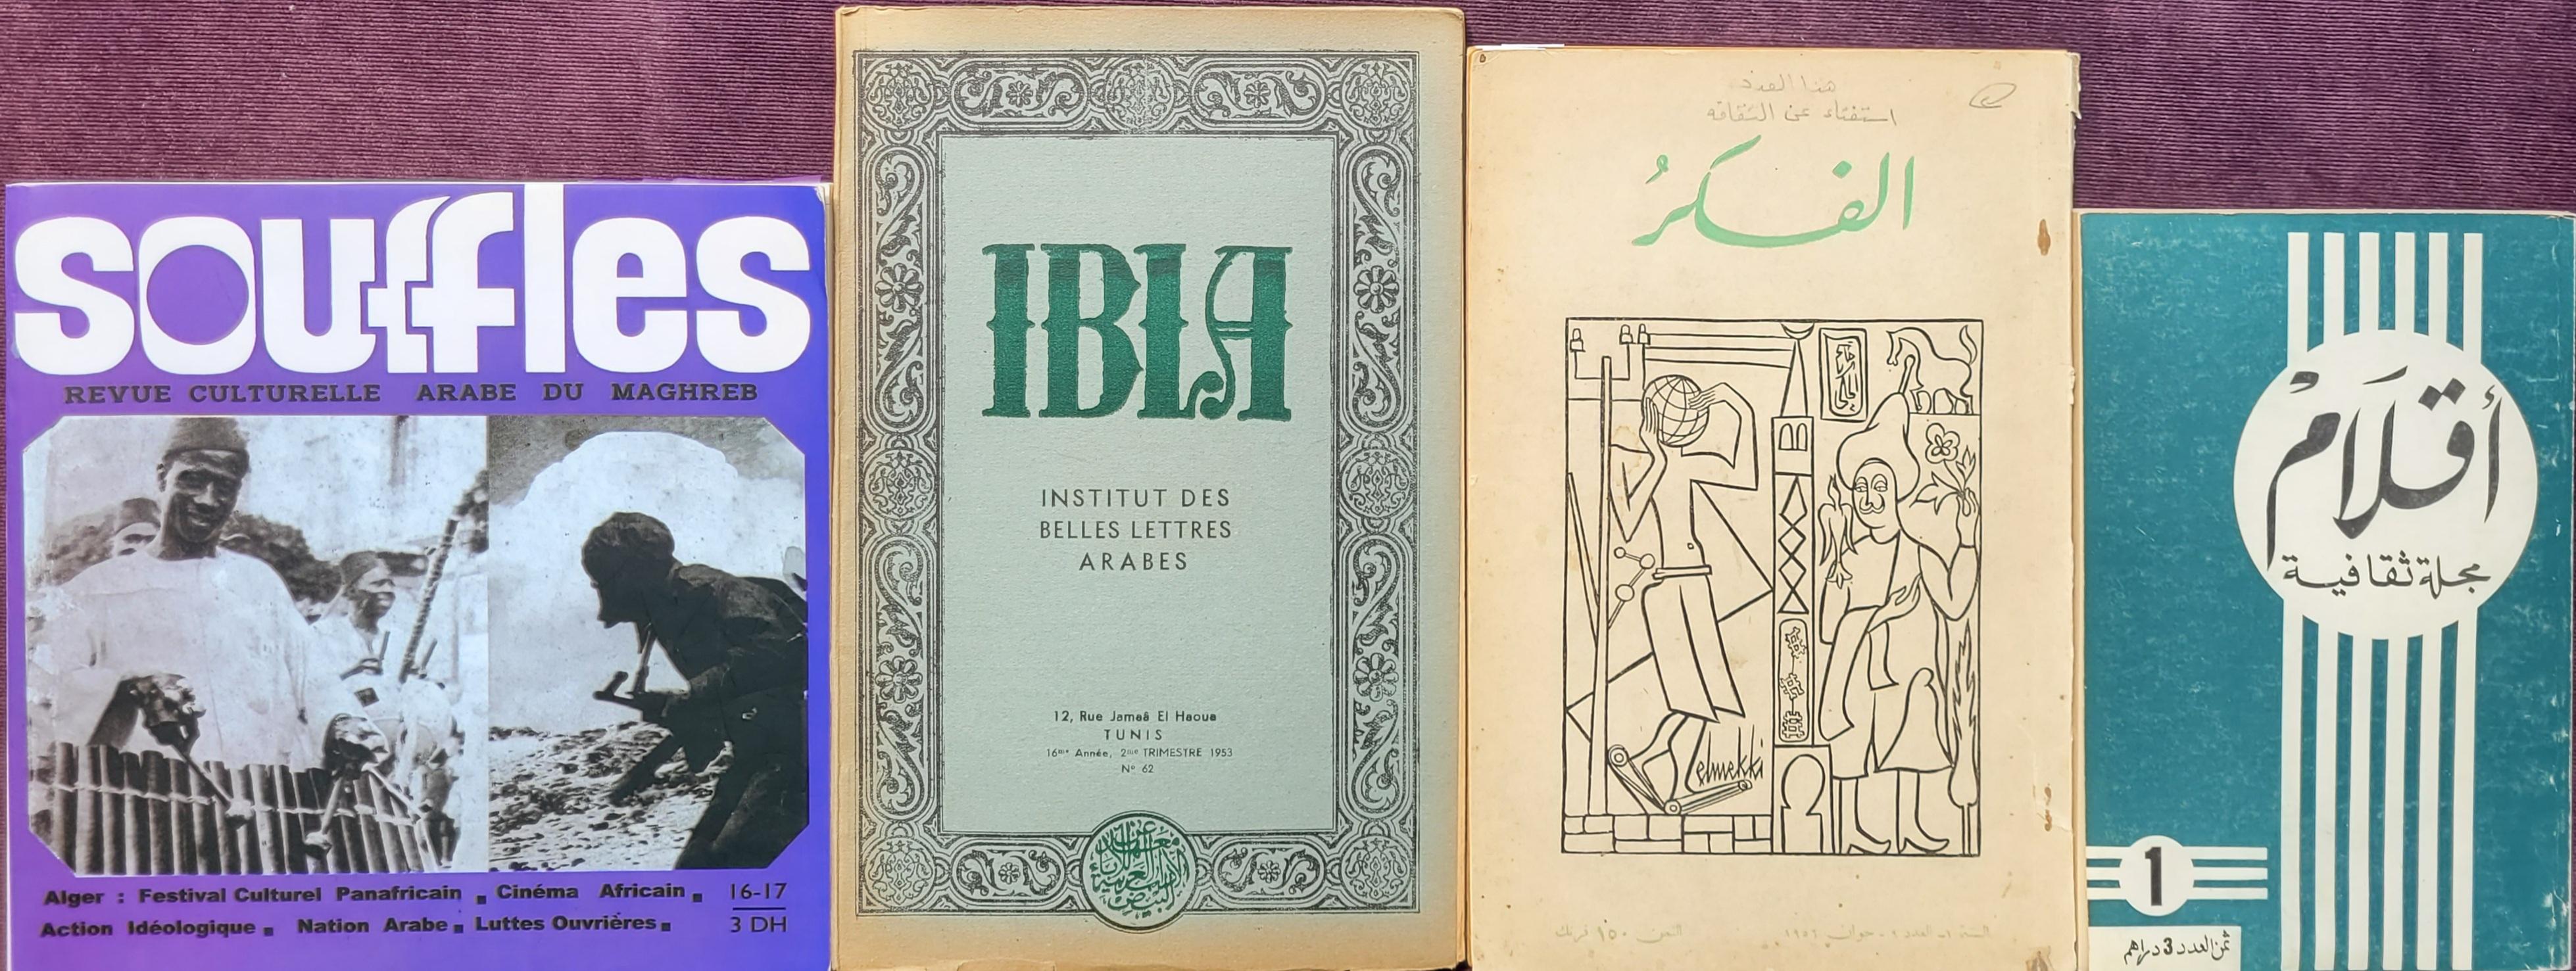 Hoda El Shakry: Printed Matter(s): Critical Histories of Maghrebi Cultural Journals